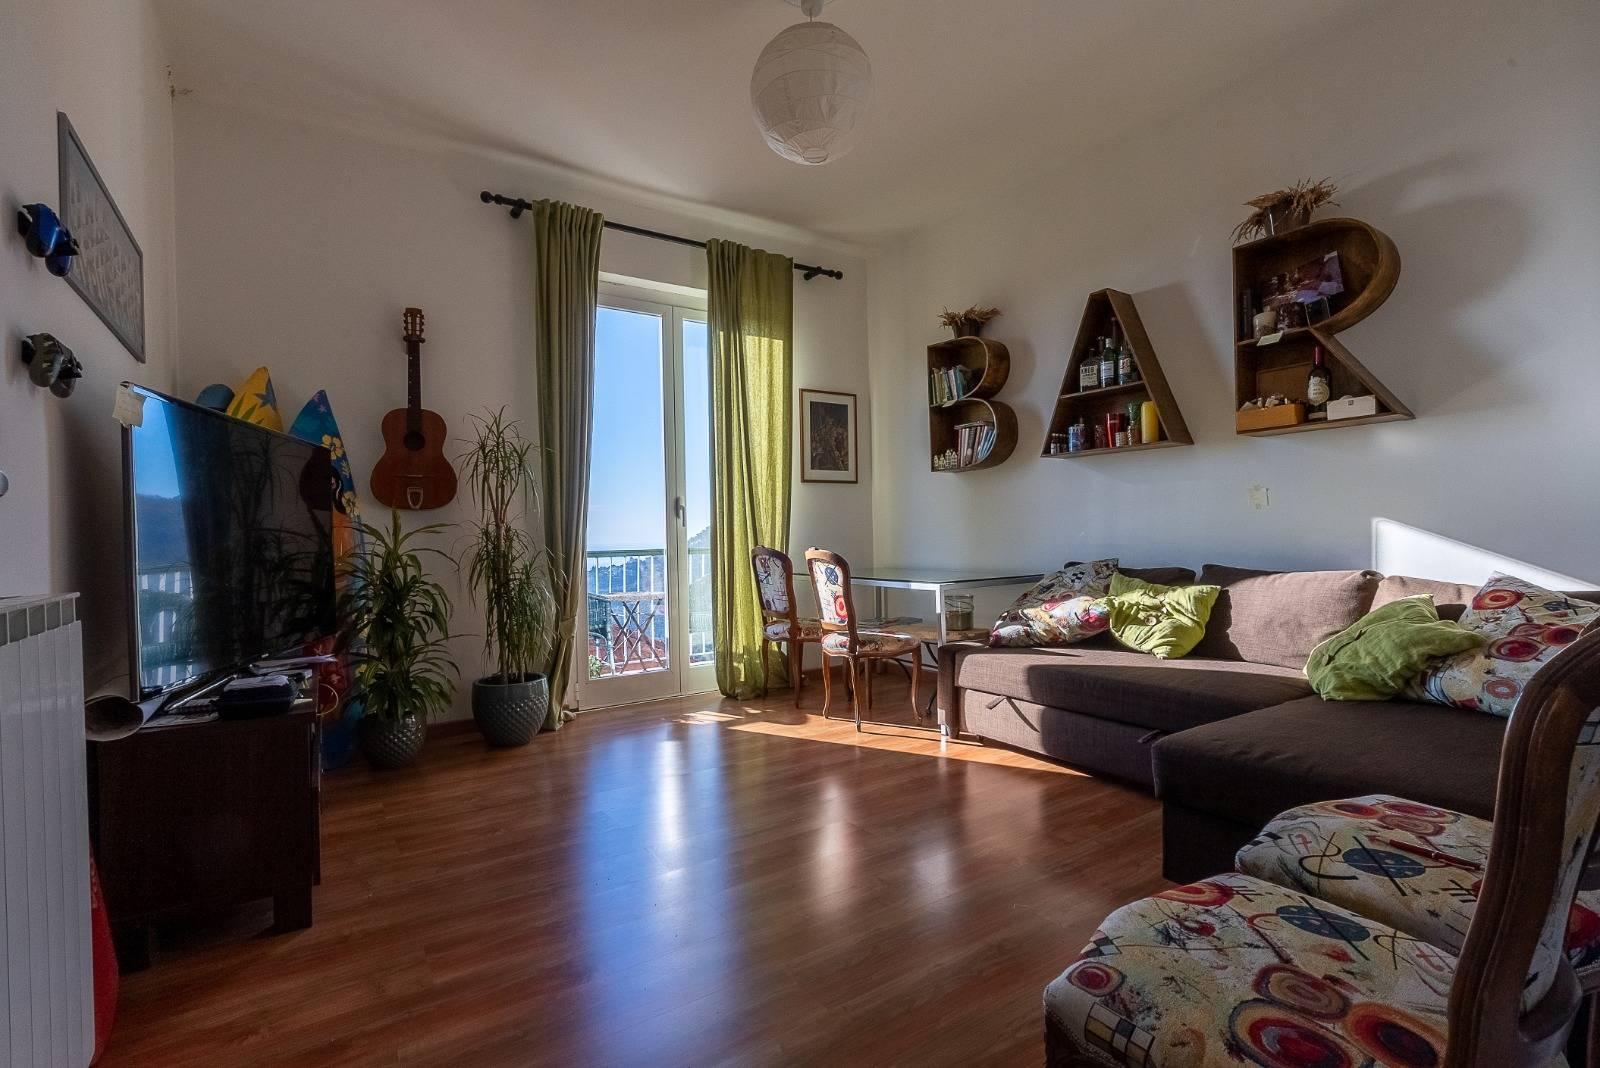 Appartamento in affitto a Alassio, 3 locali, zona io, prezzo € 520 | PortaleAgenzieImmobiliari.it